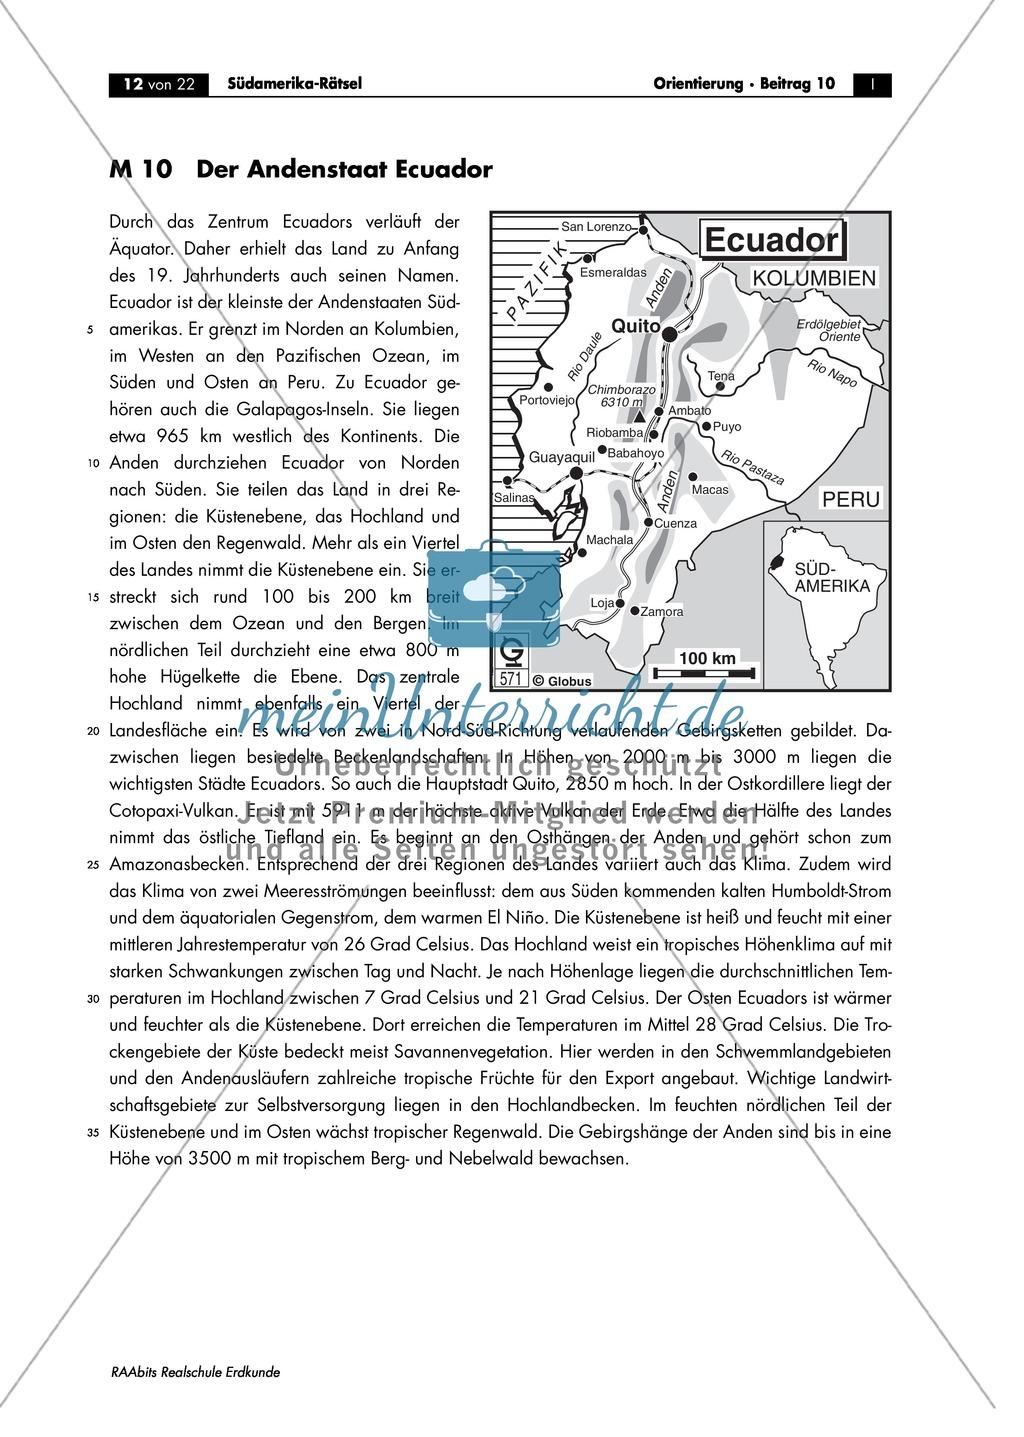 Südamerika: Ecuador - Landesbeschreibung + Multiple Choice + Landwirtschaft Preview 0